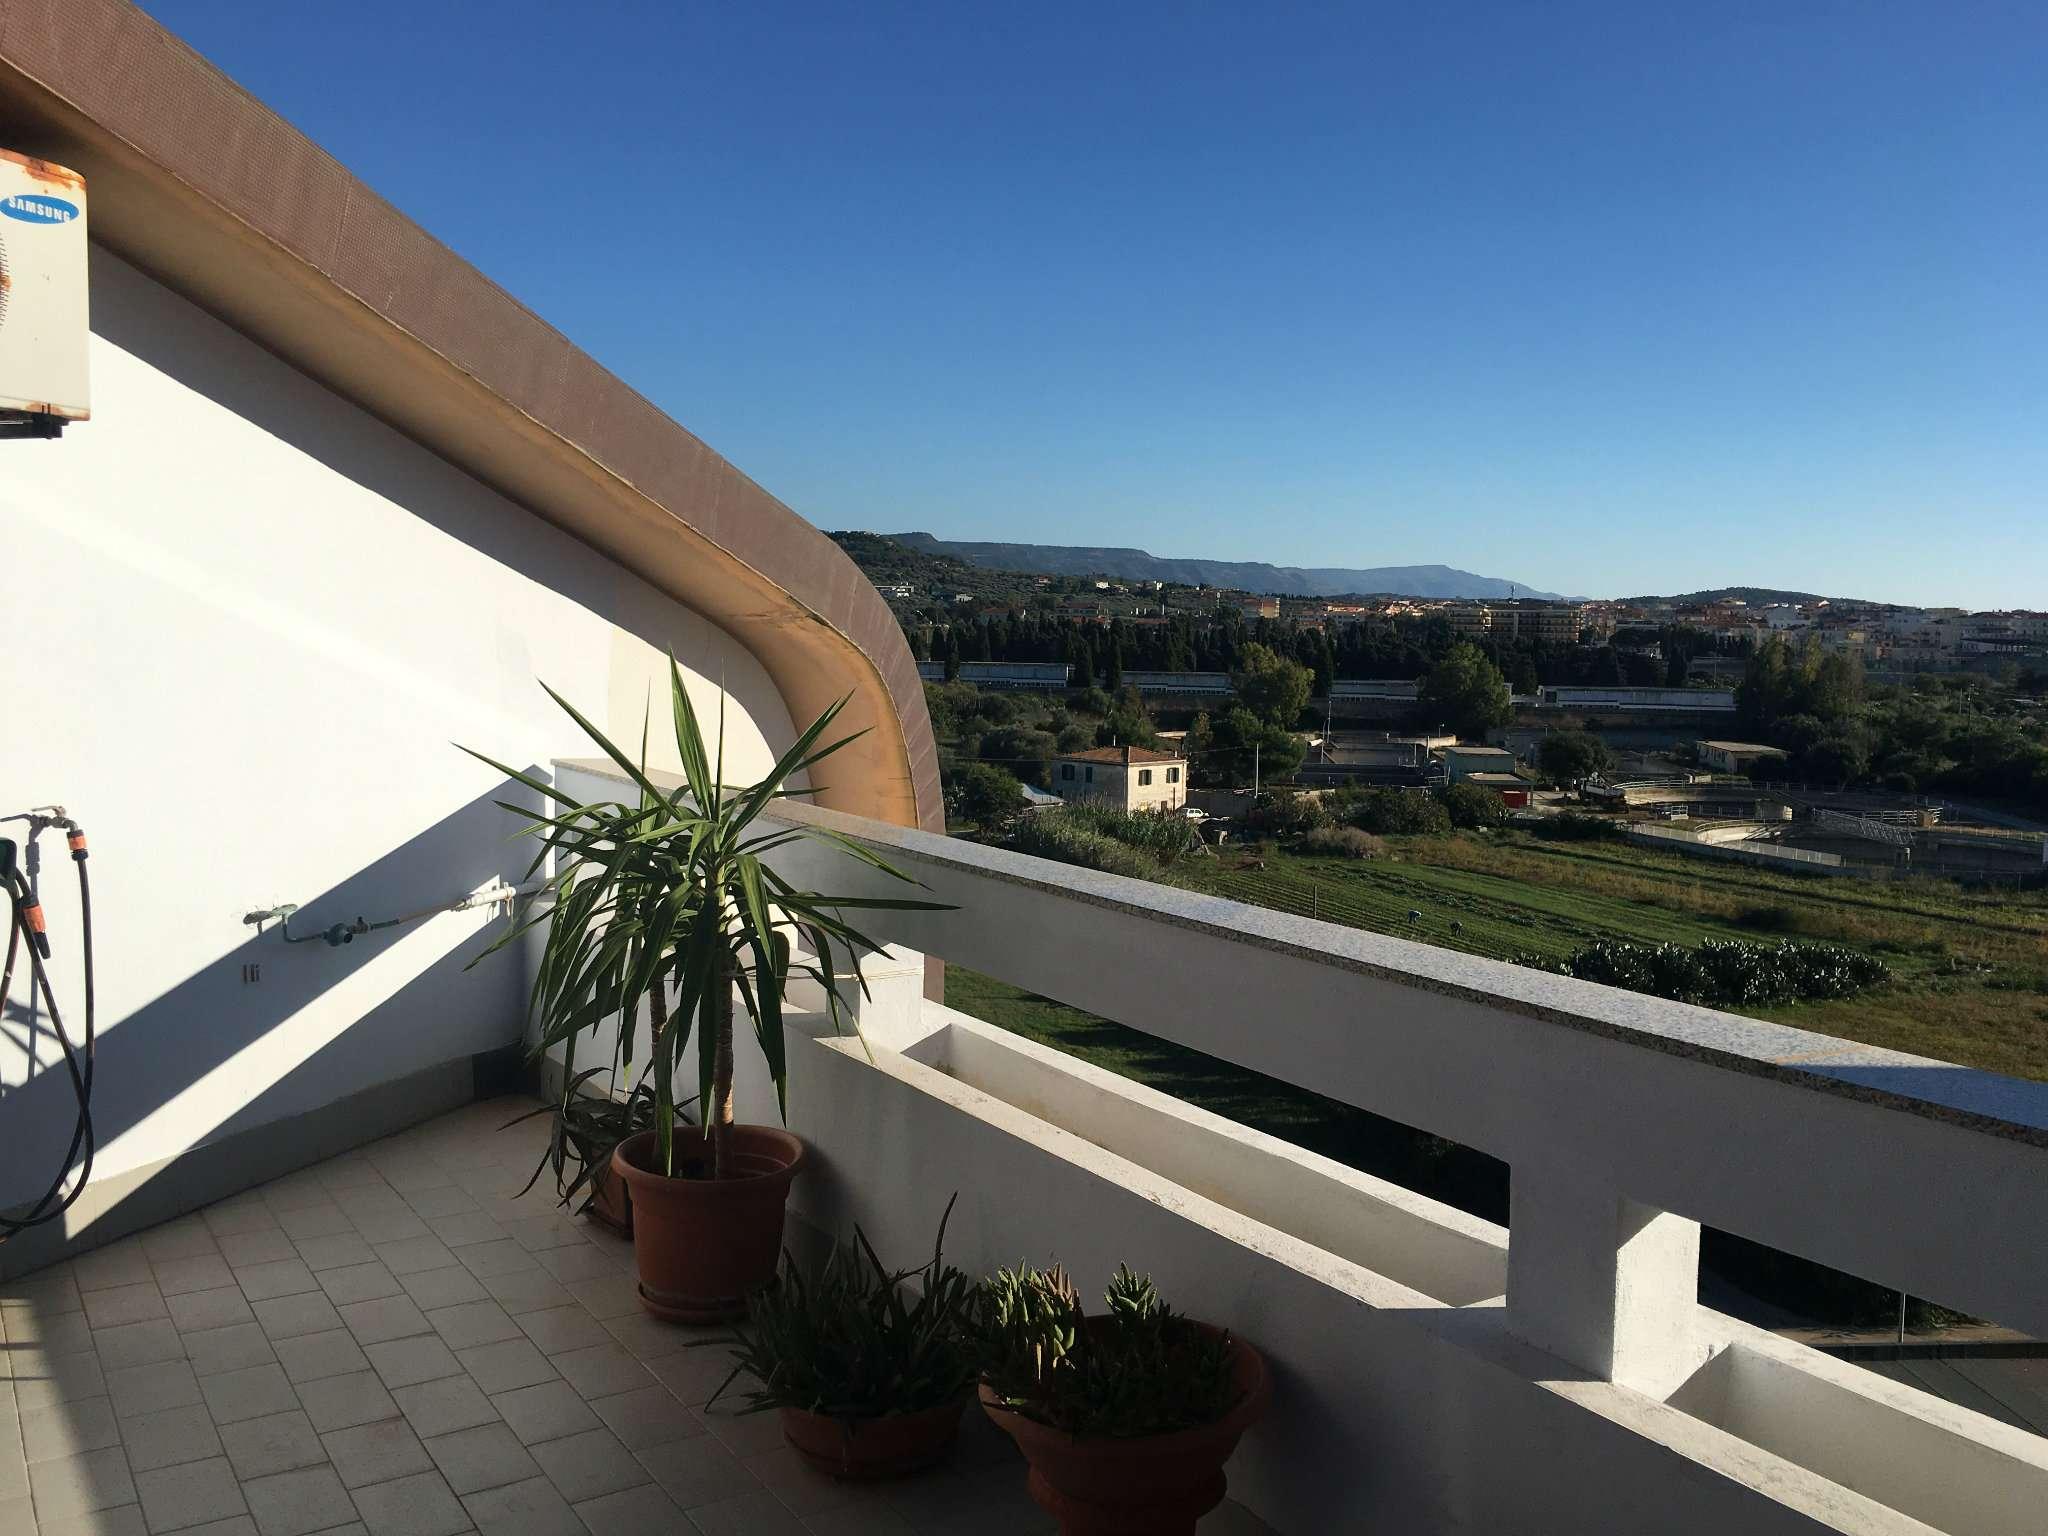 Attico / Mansarda in vendita a Alghero, 3 locali, prezzo € 159.000 | Cambio Casa.it